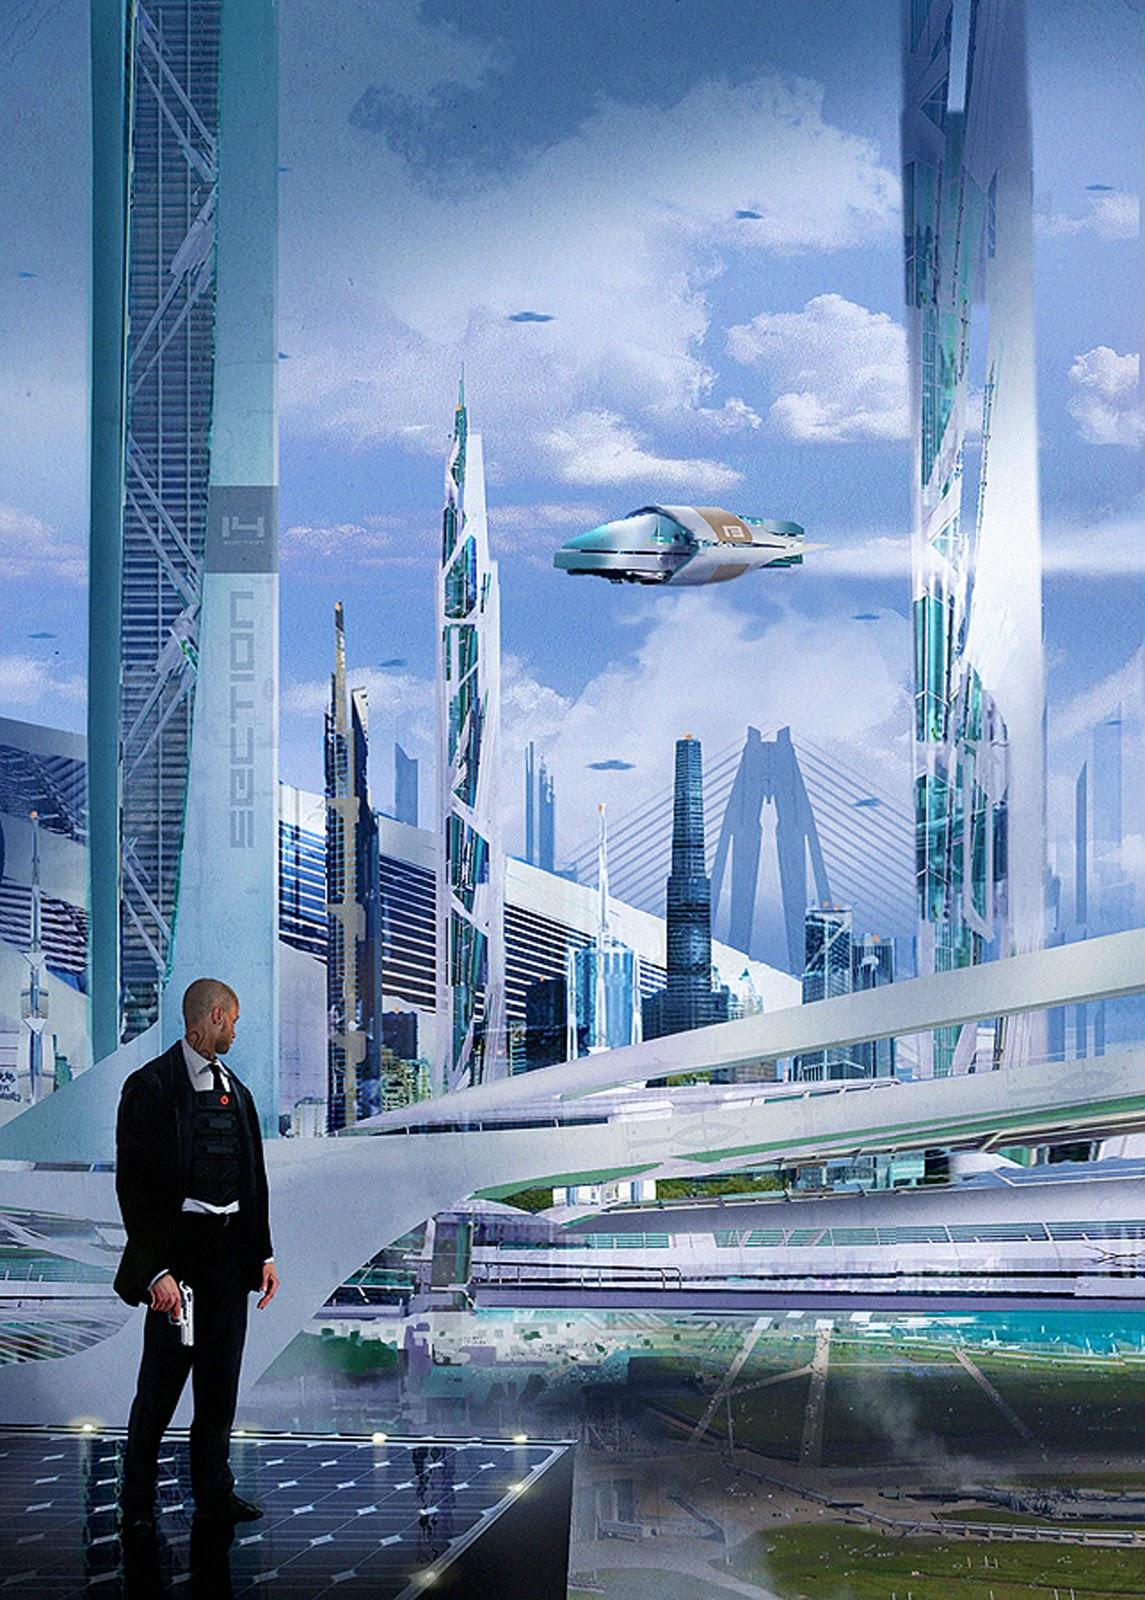 DSNG'S SCI FI MEGAVERSE: SCI FI BUILDINGS AND FUTURISTIC ...